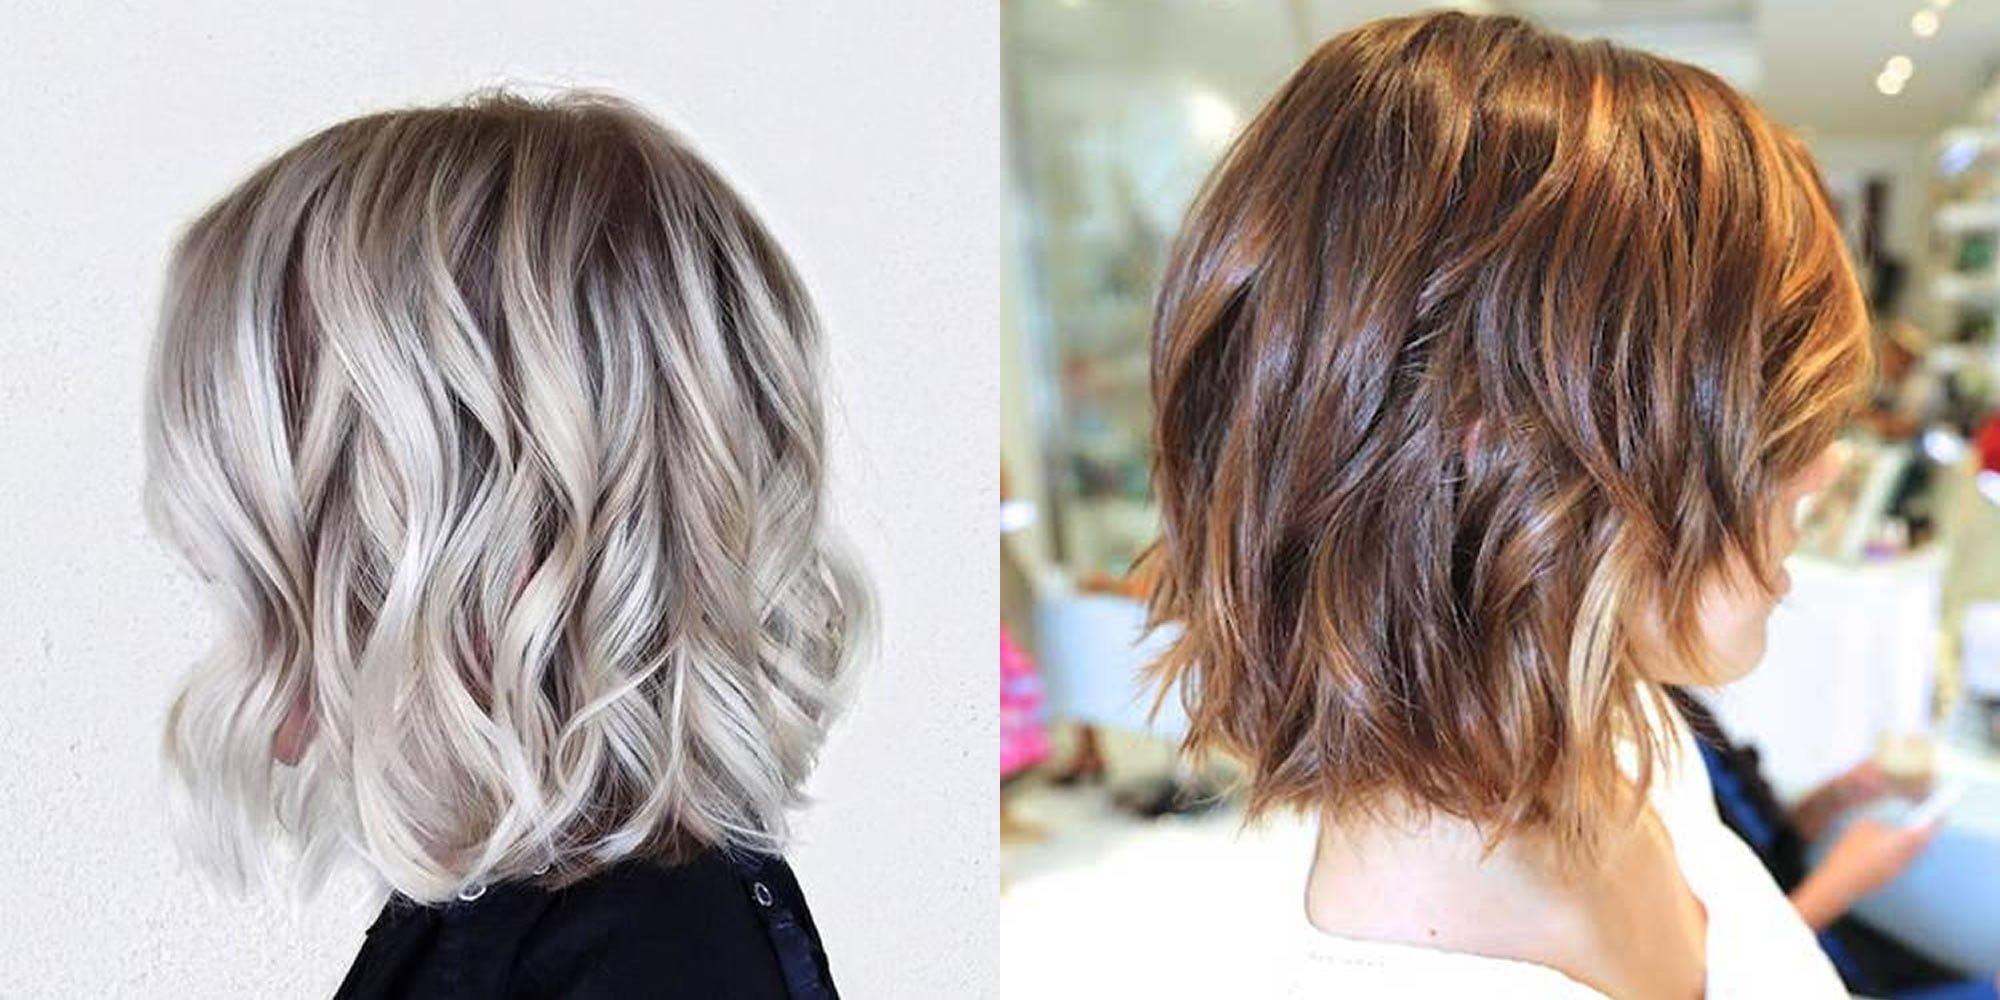 Grey Hair Color Wavy Short Bob Hairstyle Hair Colors